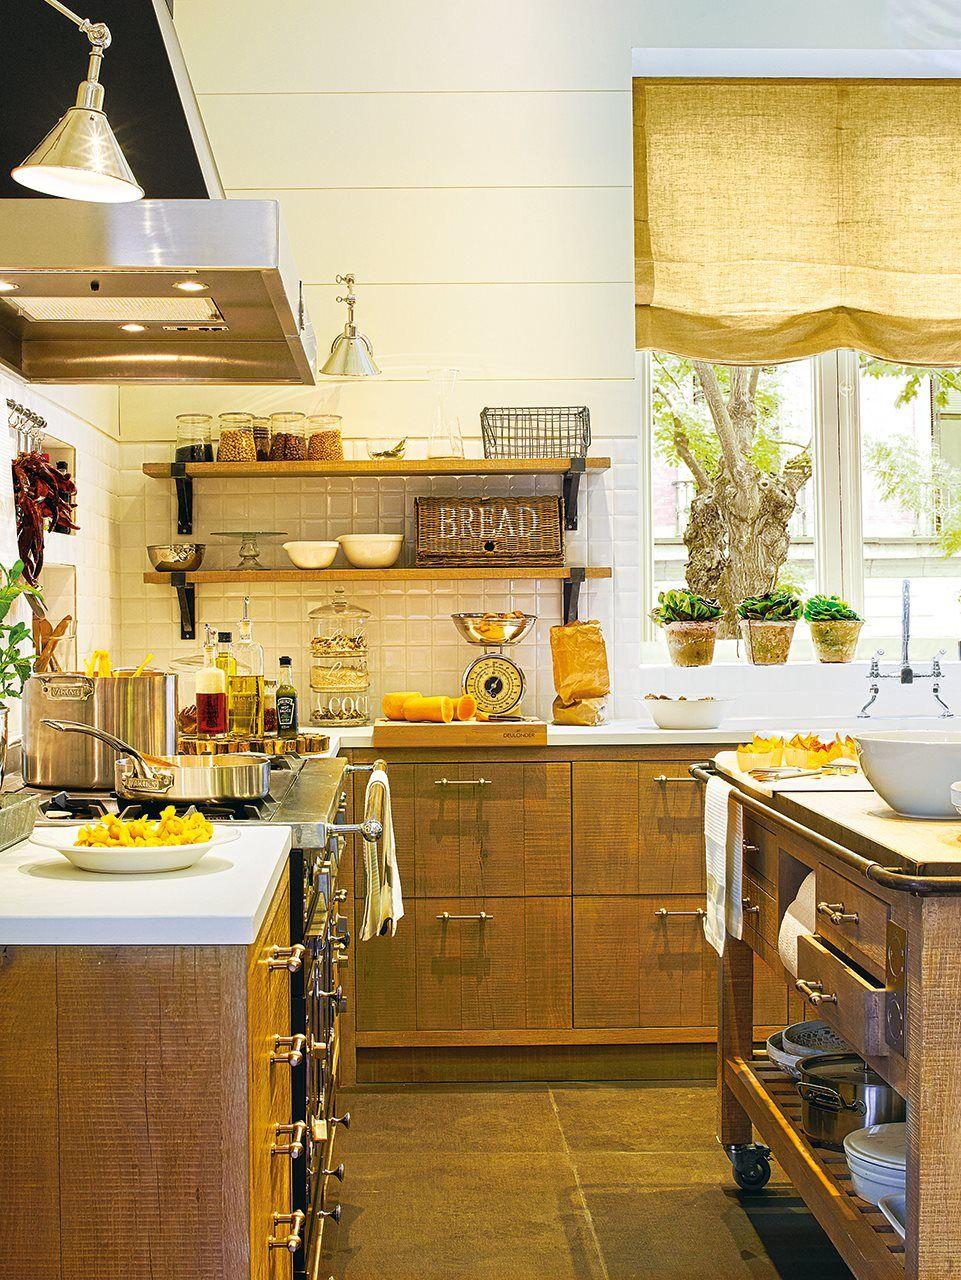 Una cocina de campo en la ciudad cocinas for Cocinas de campo